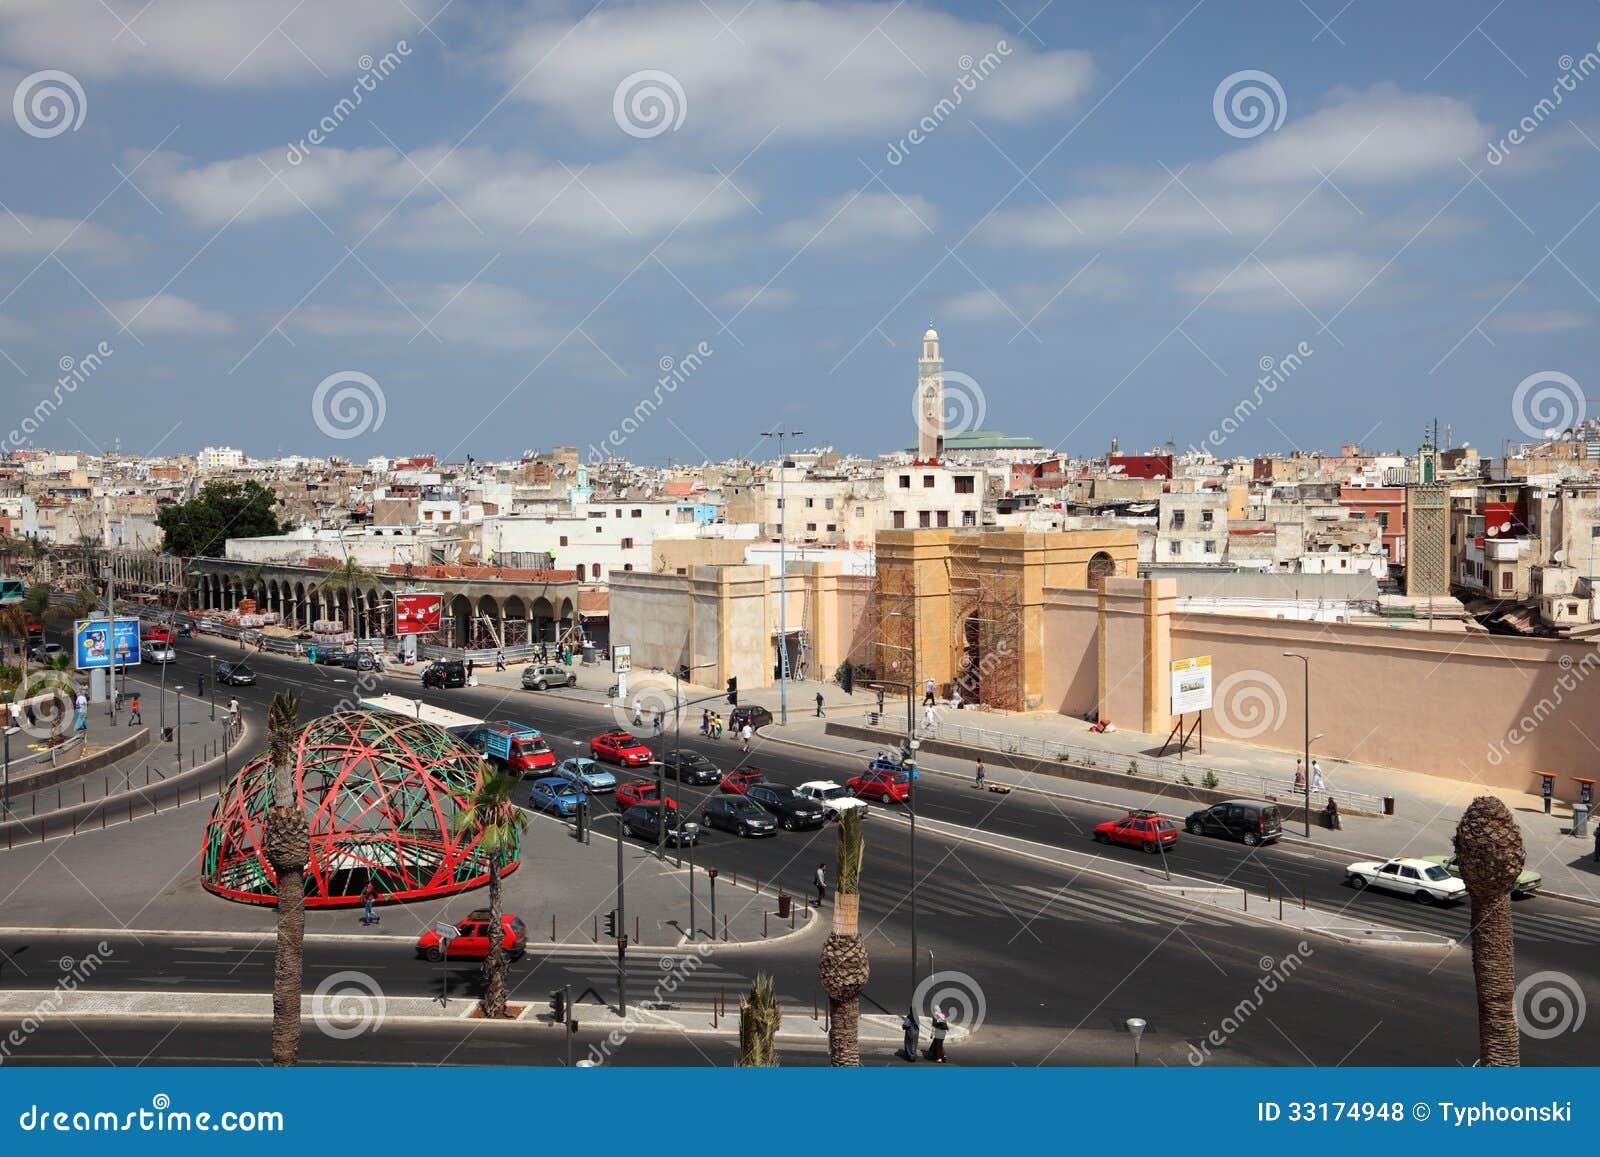 Квадрат ОбъединЕнной нации в Касабланке